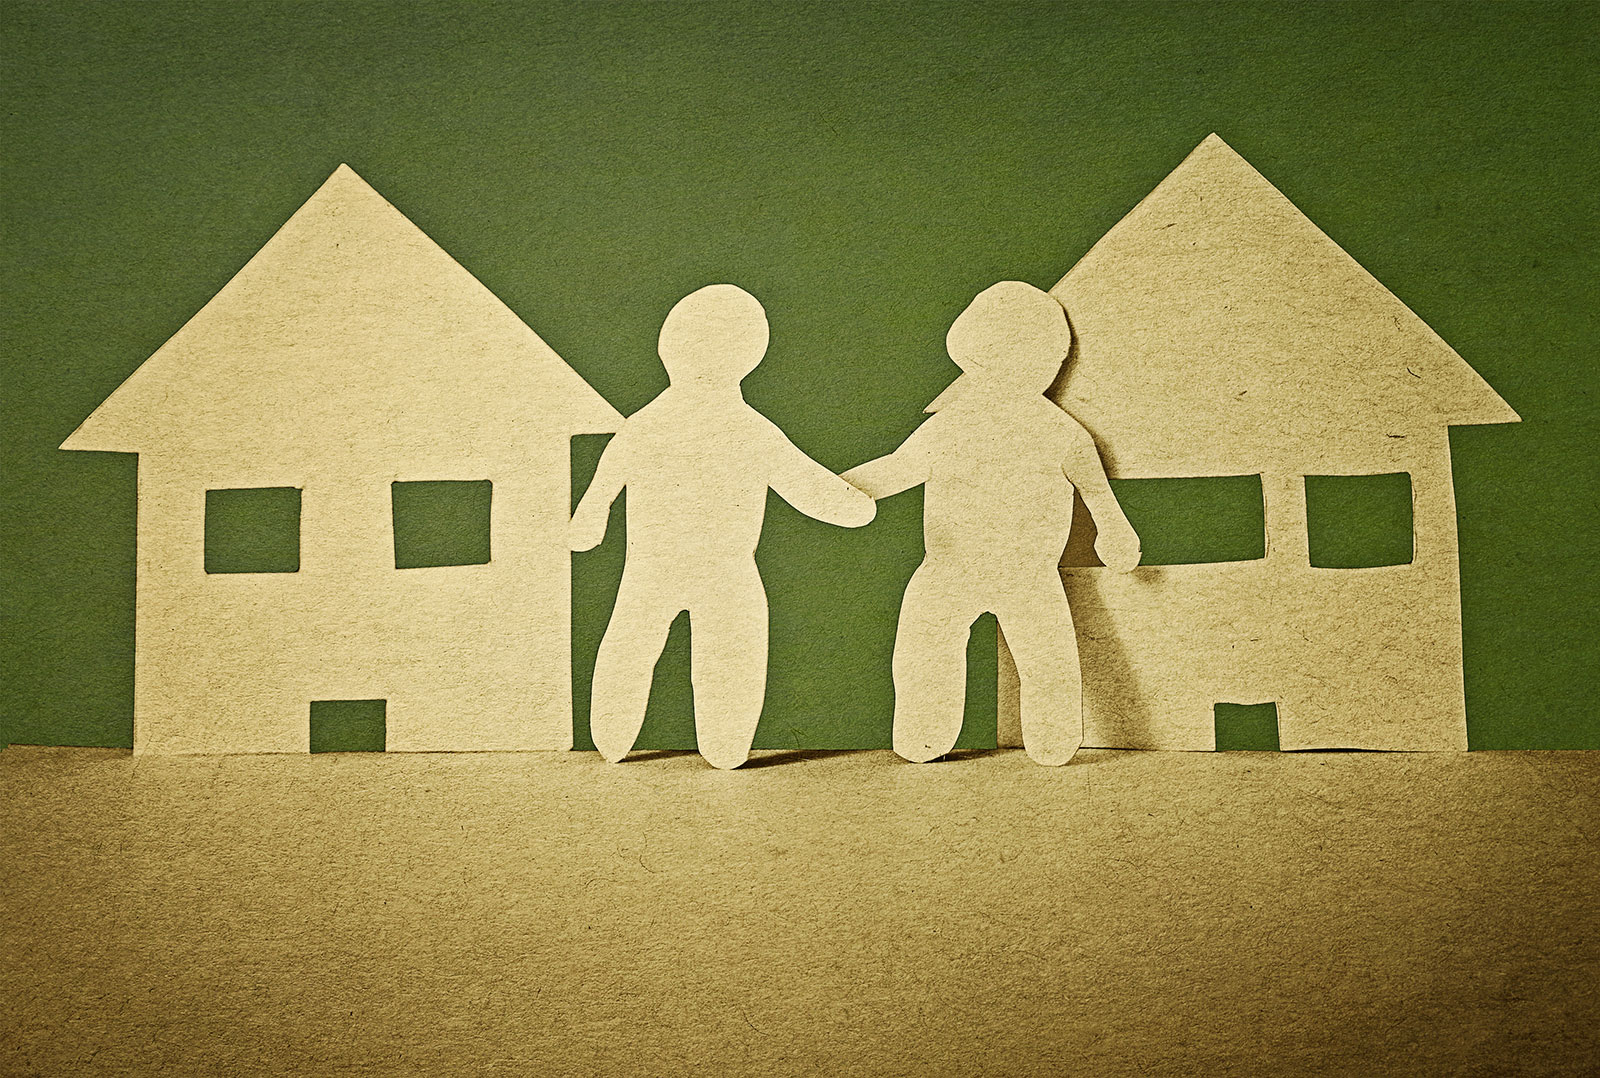 hak-hak tetangga